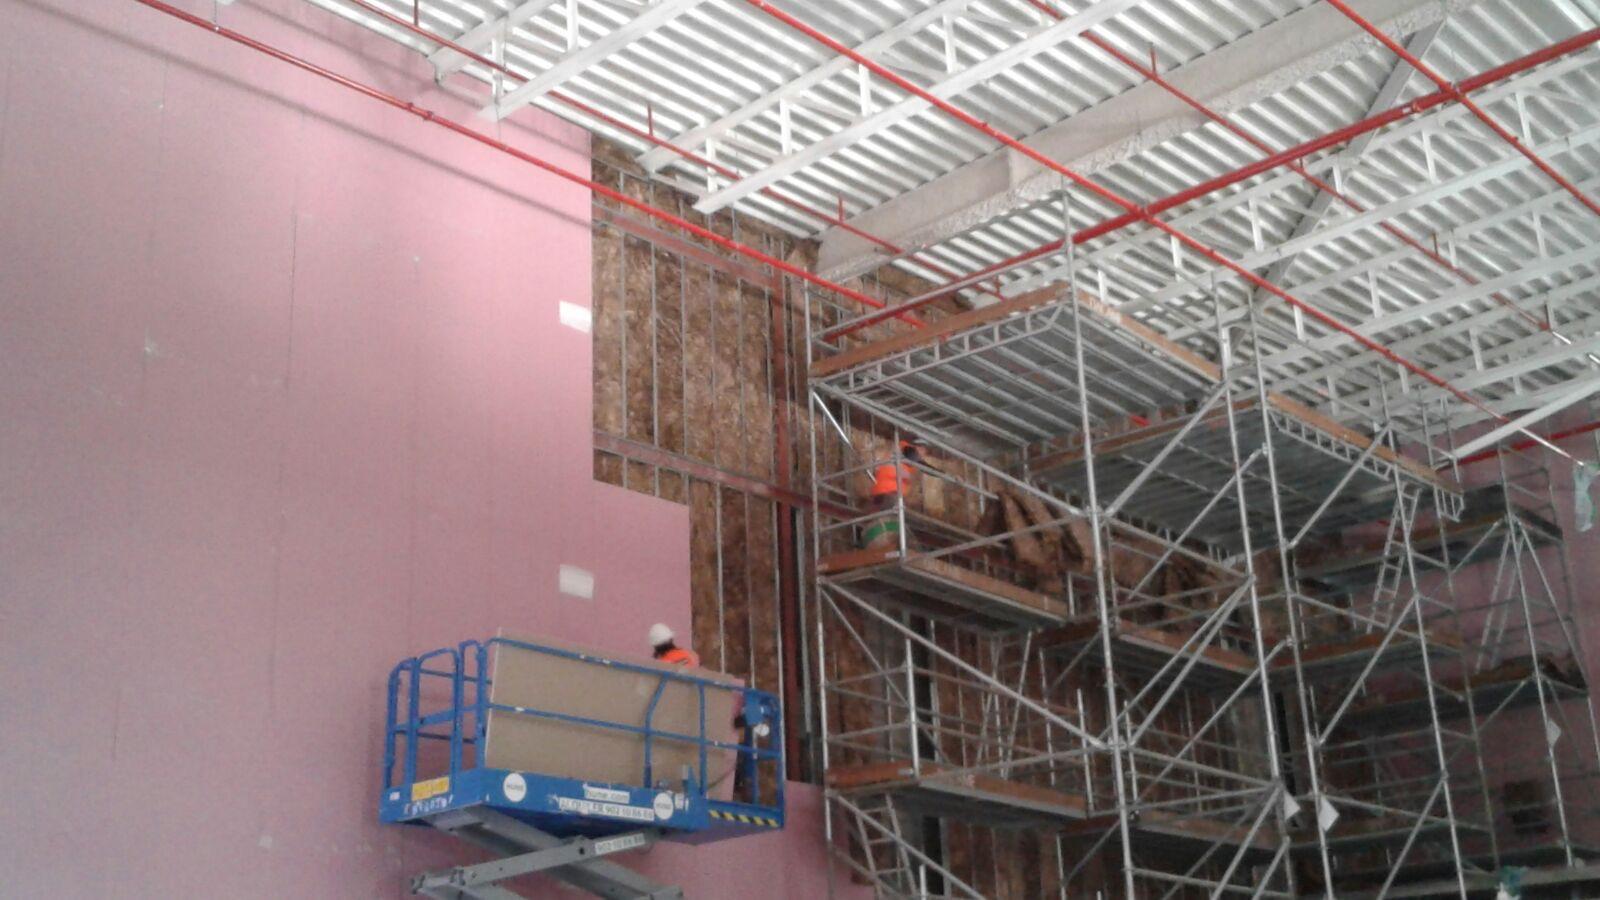 Opincan - Salas de cine Yelmo en el Centro Comercial Alisios - Obras 22